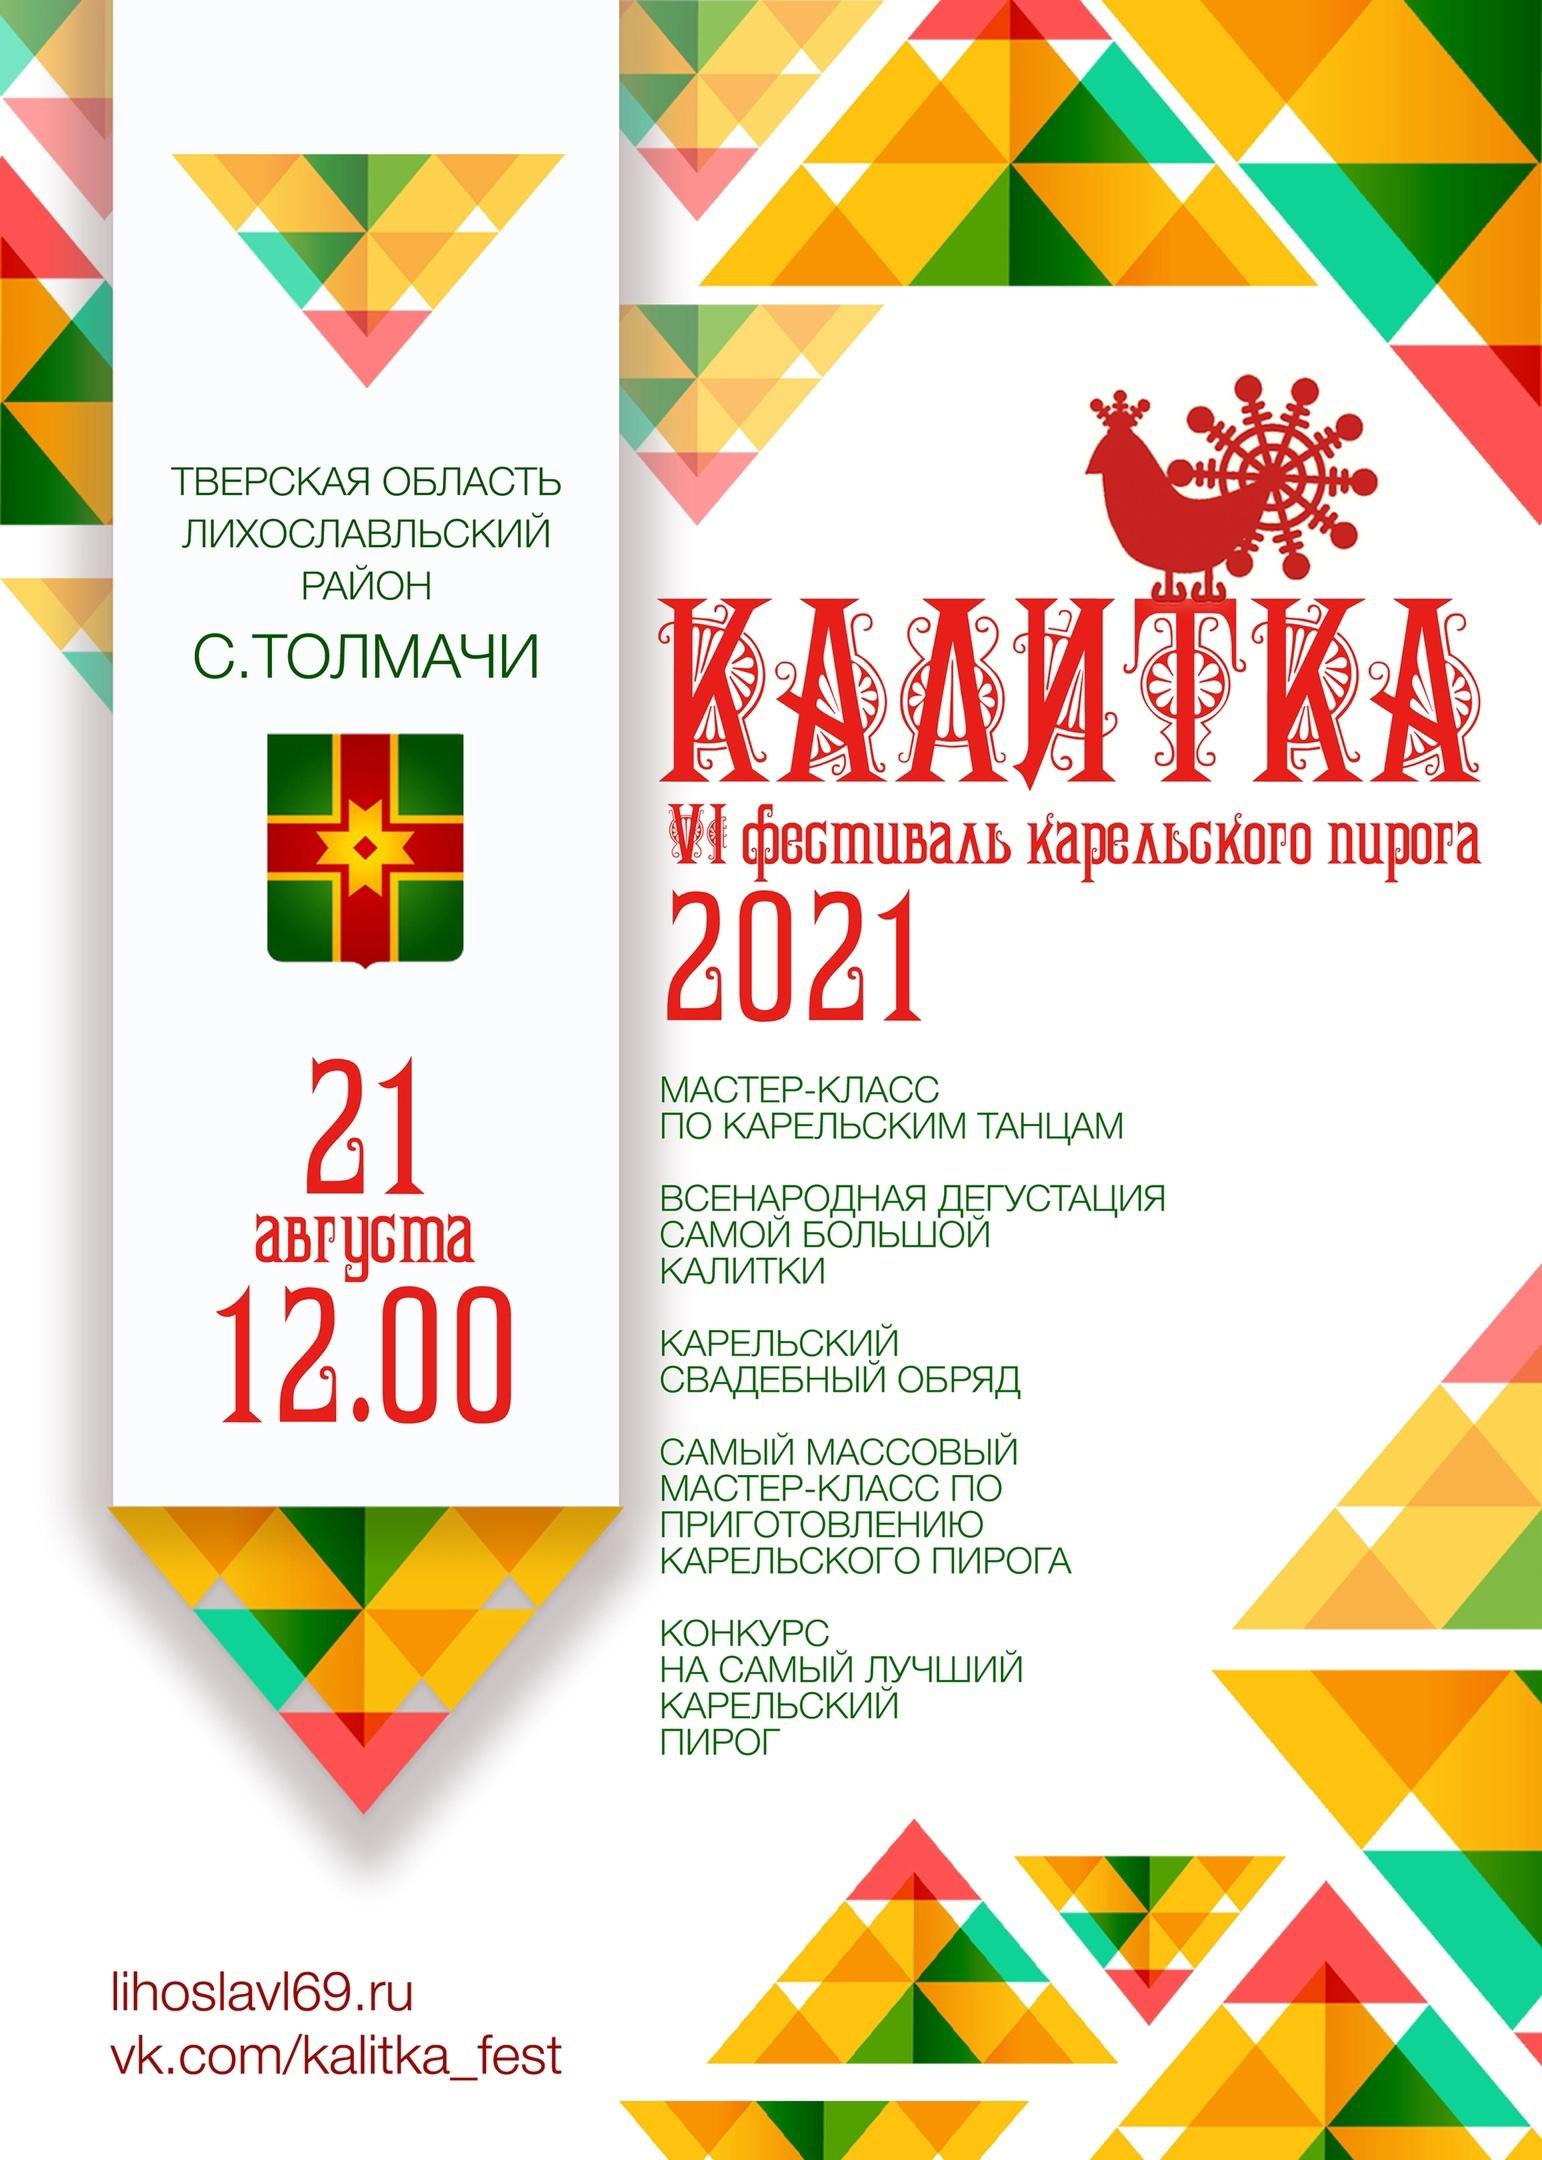 Фестиваль карельской калитки пройдет в Тверской области